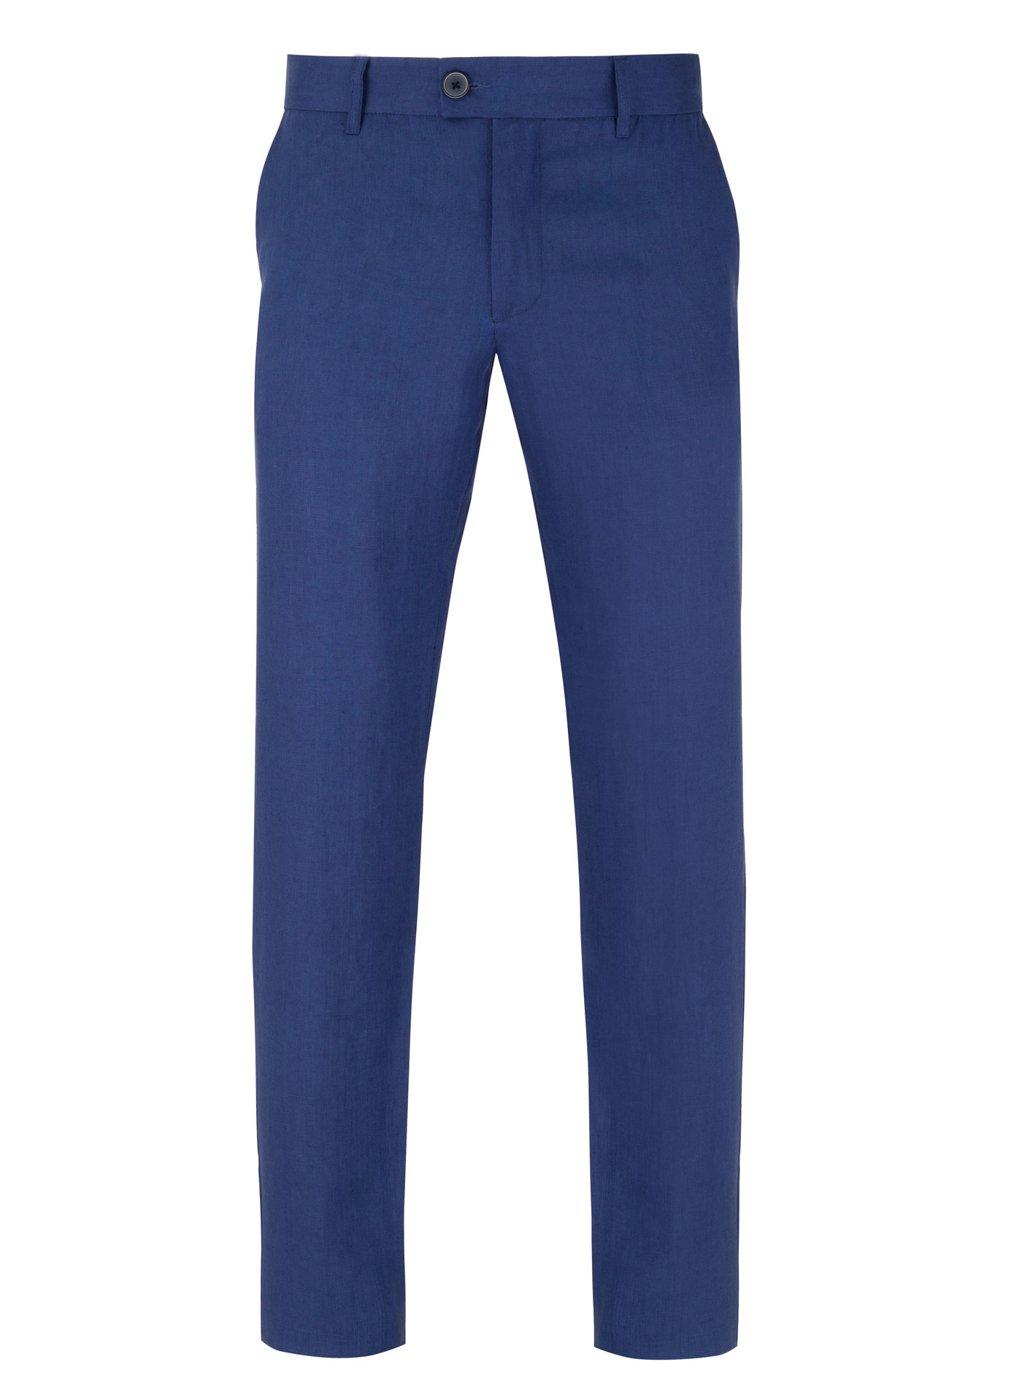 Spodnie męskie garniturowe PLM-6G-012-G